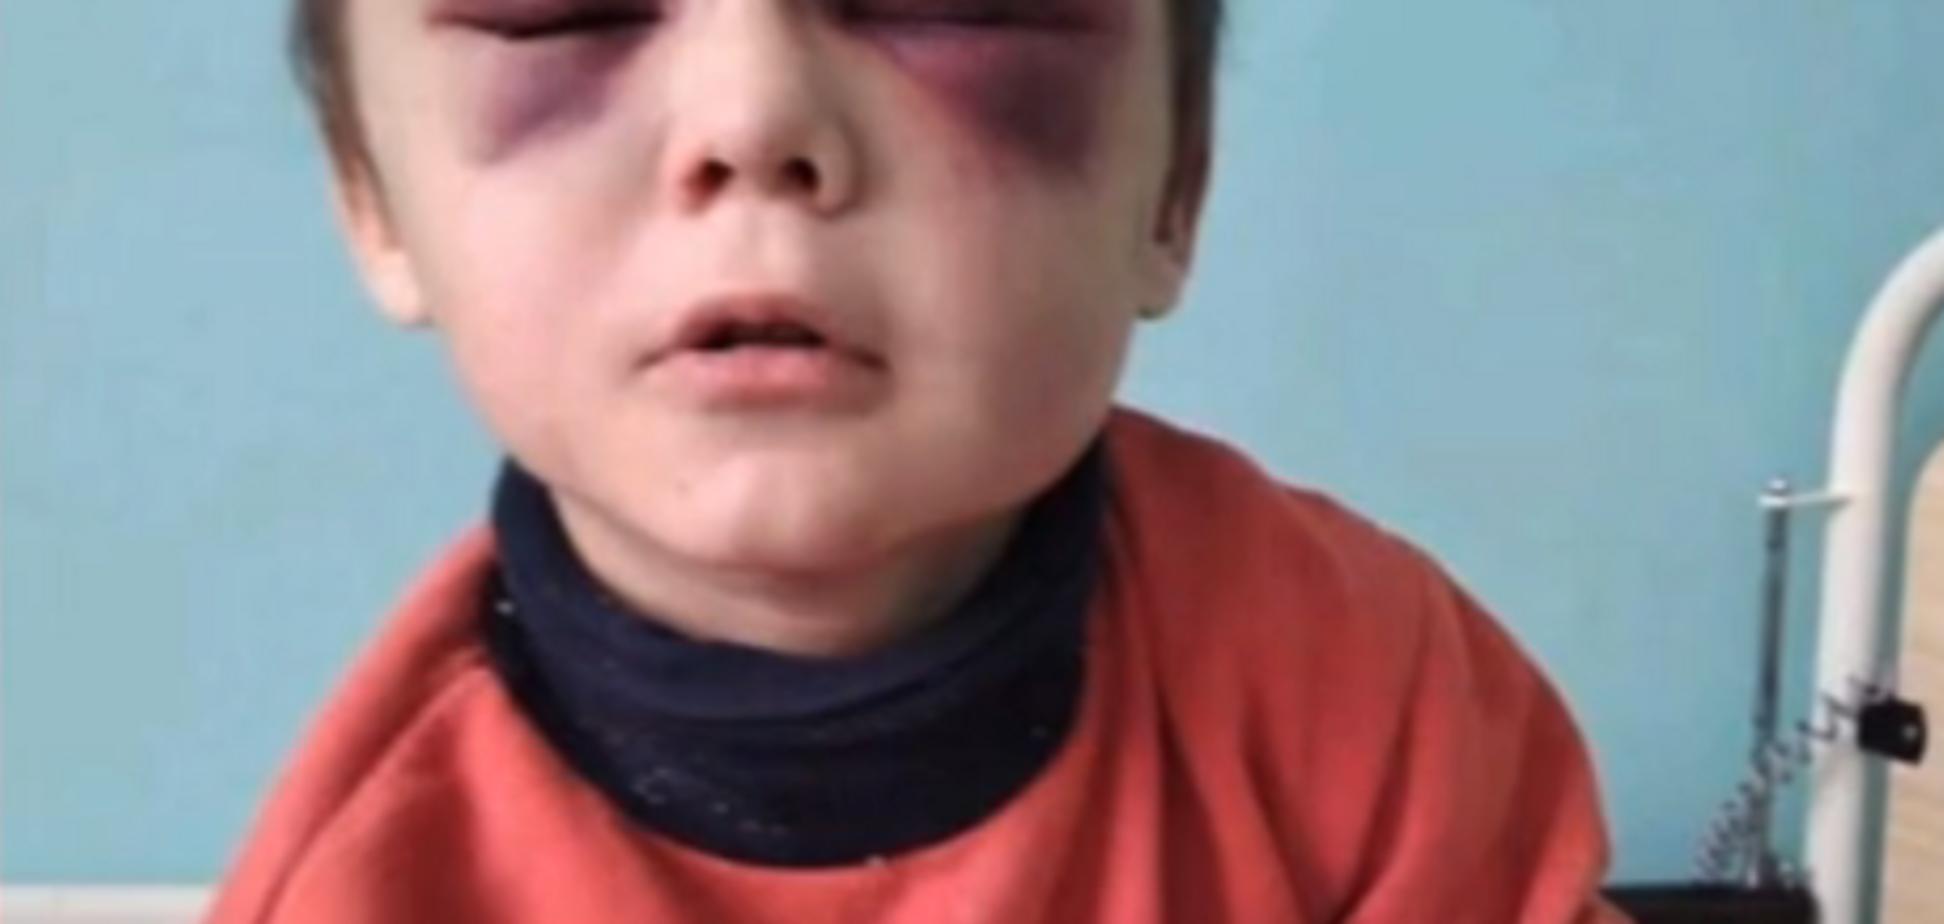 Очі чорні від побоїв: розкрилася страшна правда про побиття 6-річної дитини на Вінничині